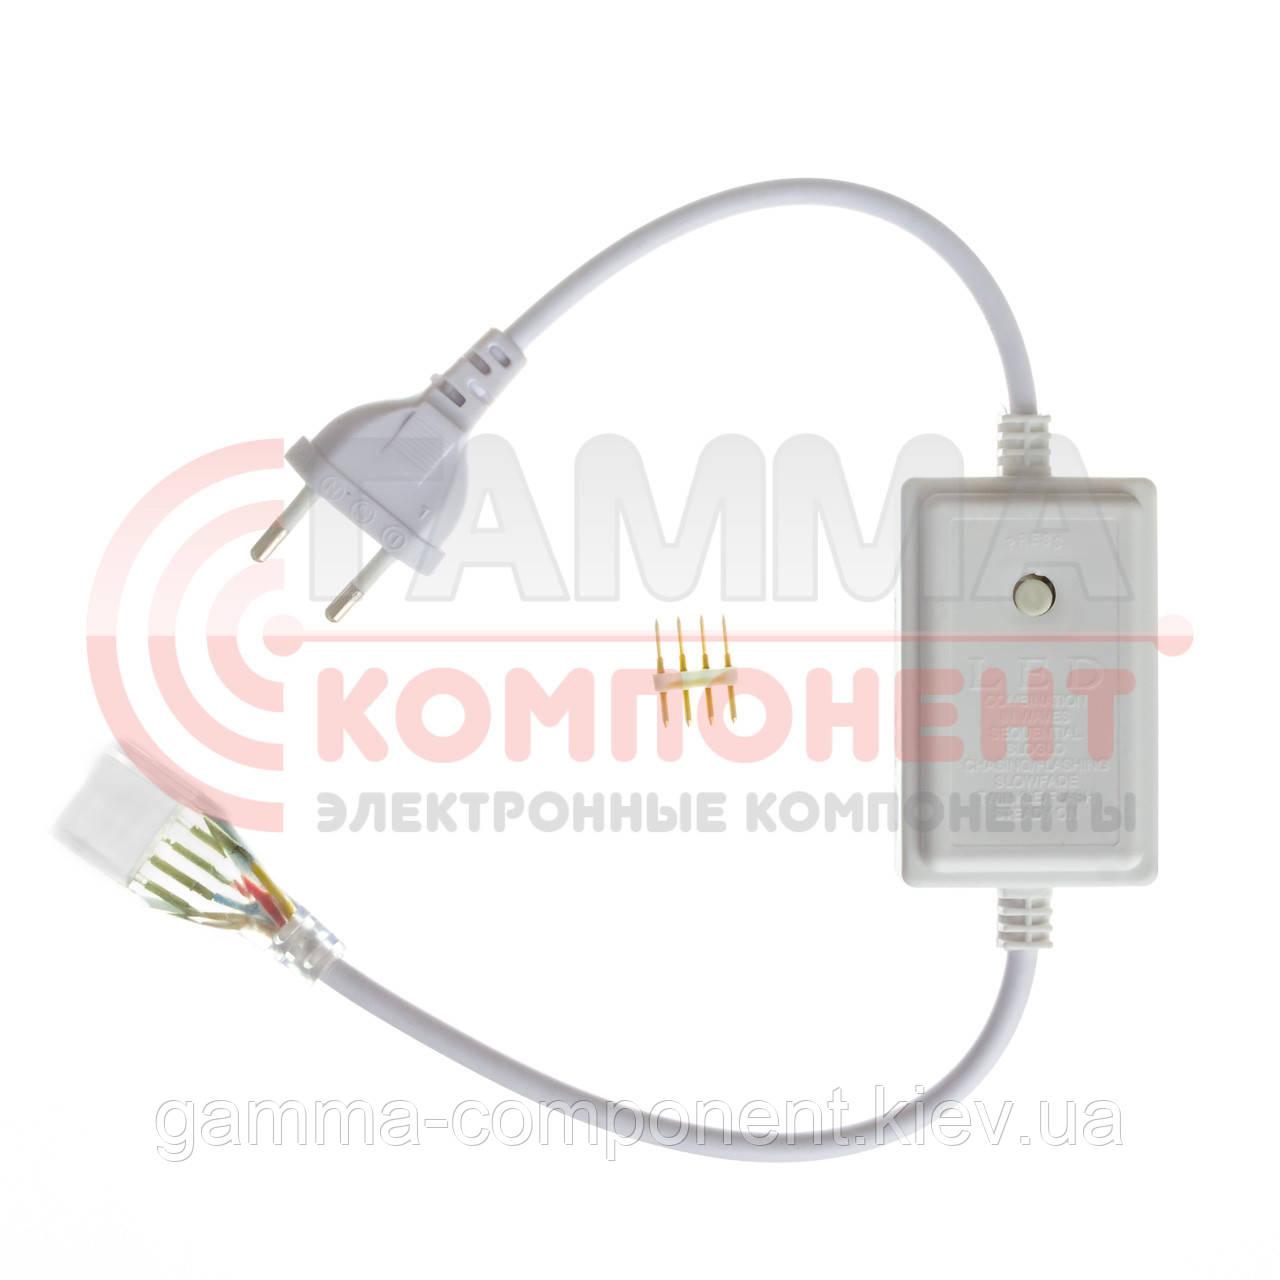 Адаптер питания 400Вт для светодиодной ленты Multi-Color 220В smd 2835-180 лед/м + контроллер + коннектор 4pin